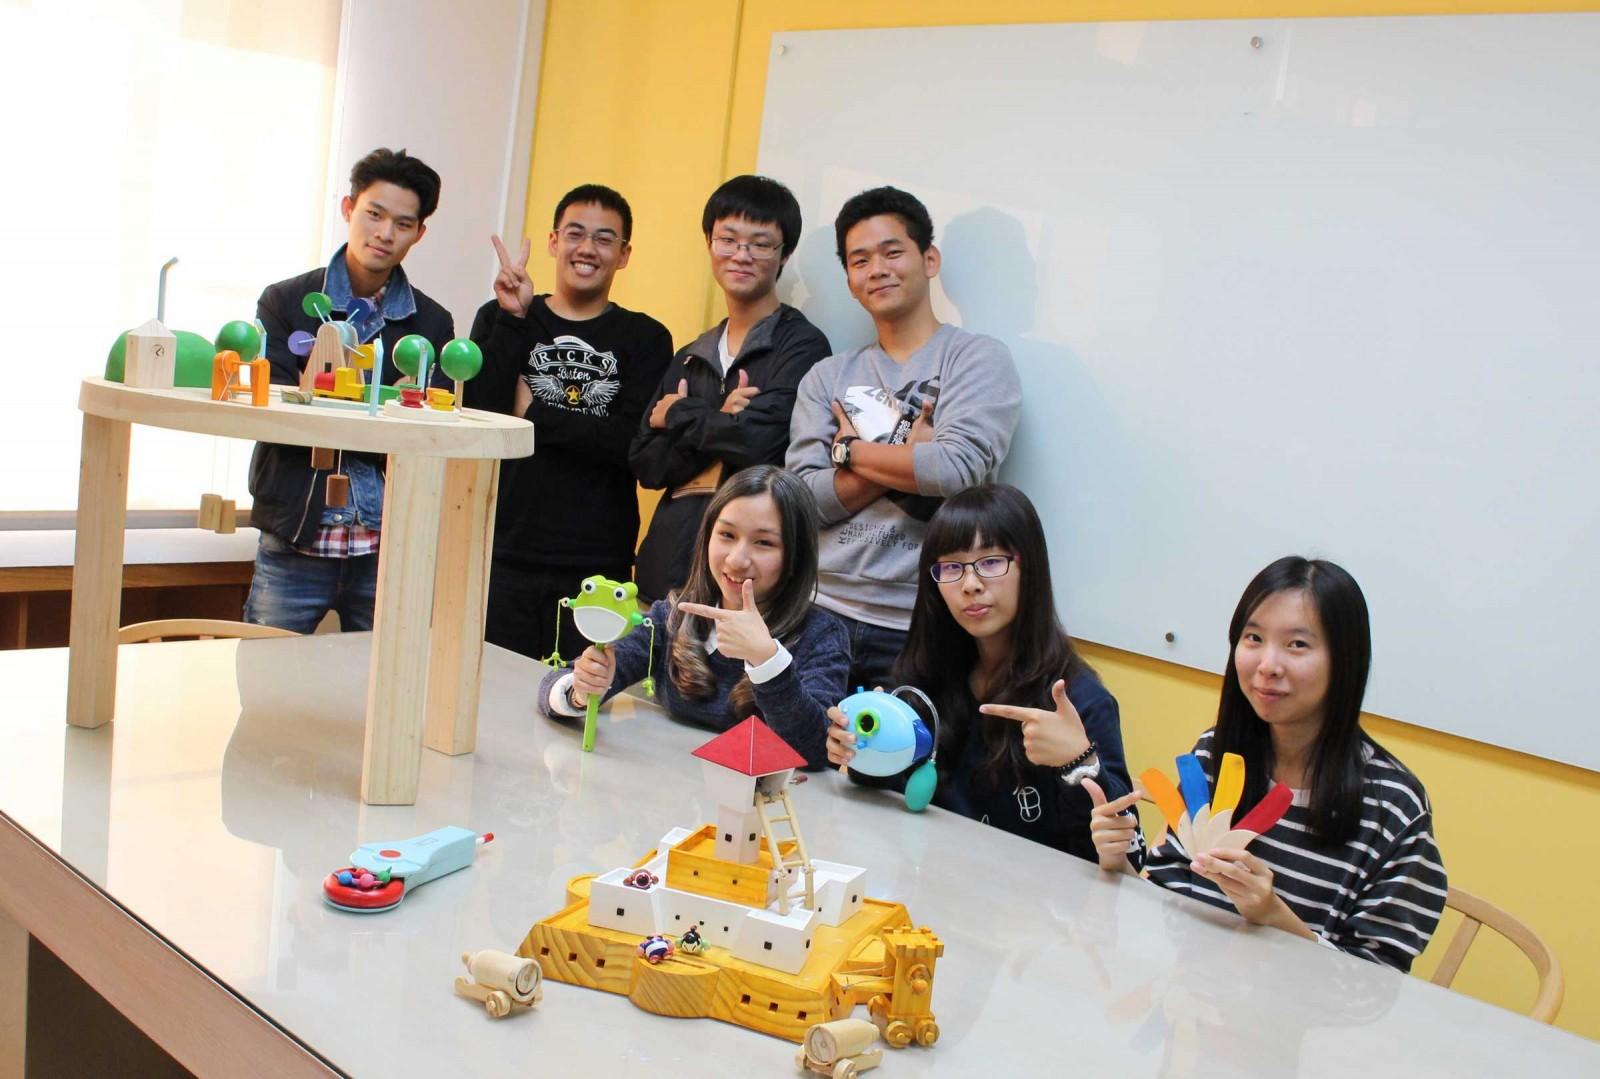 玩具創意賽 第一科大連2年獲獎數全國第1